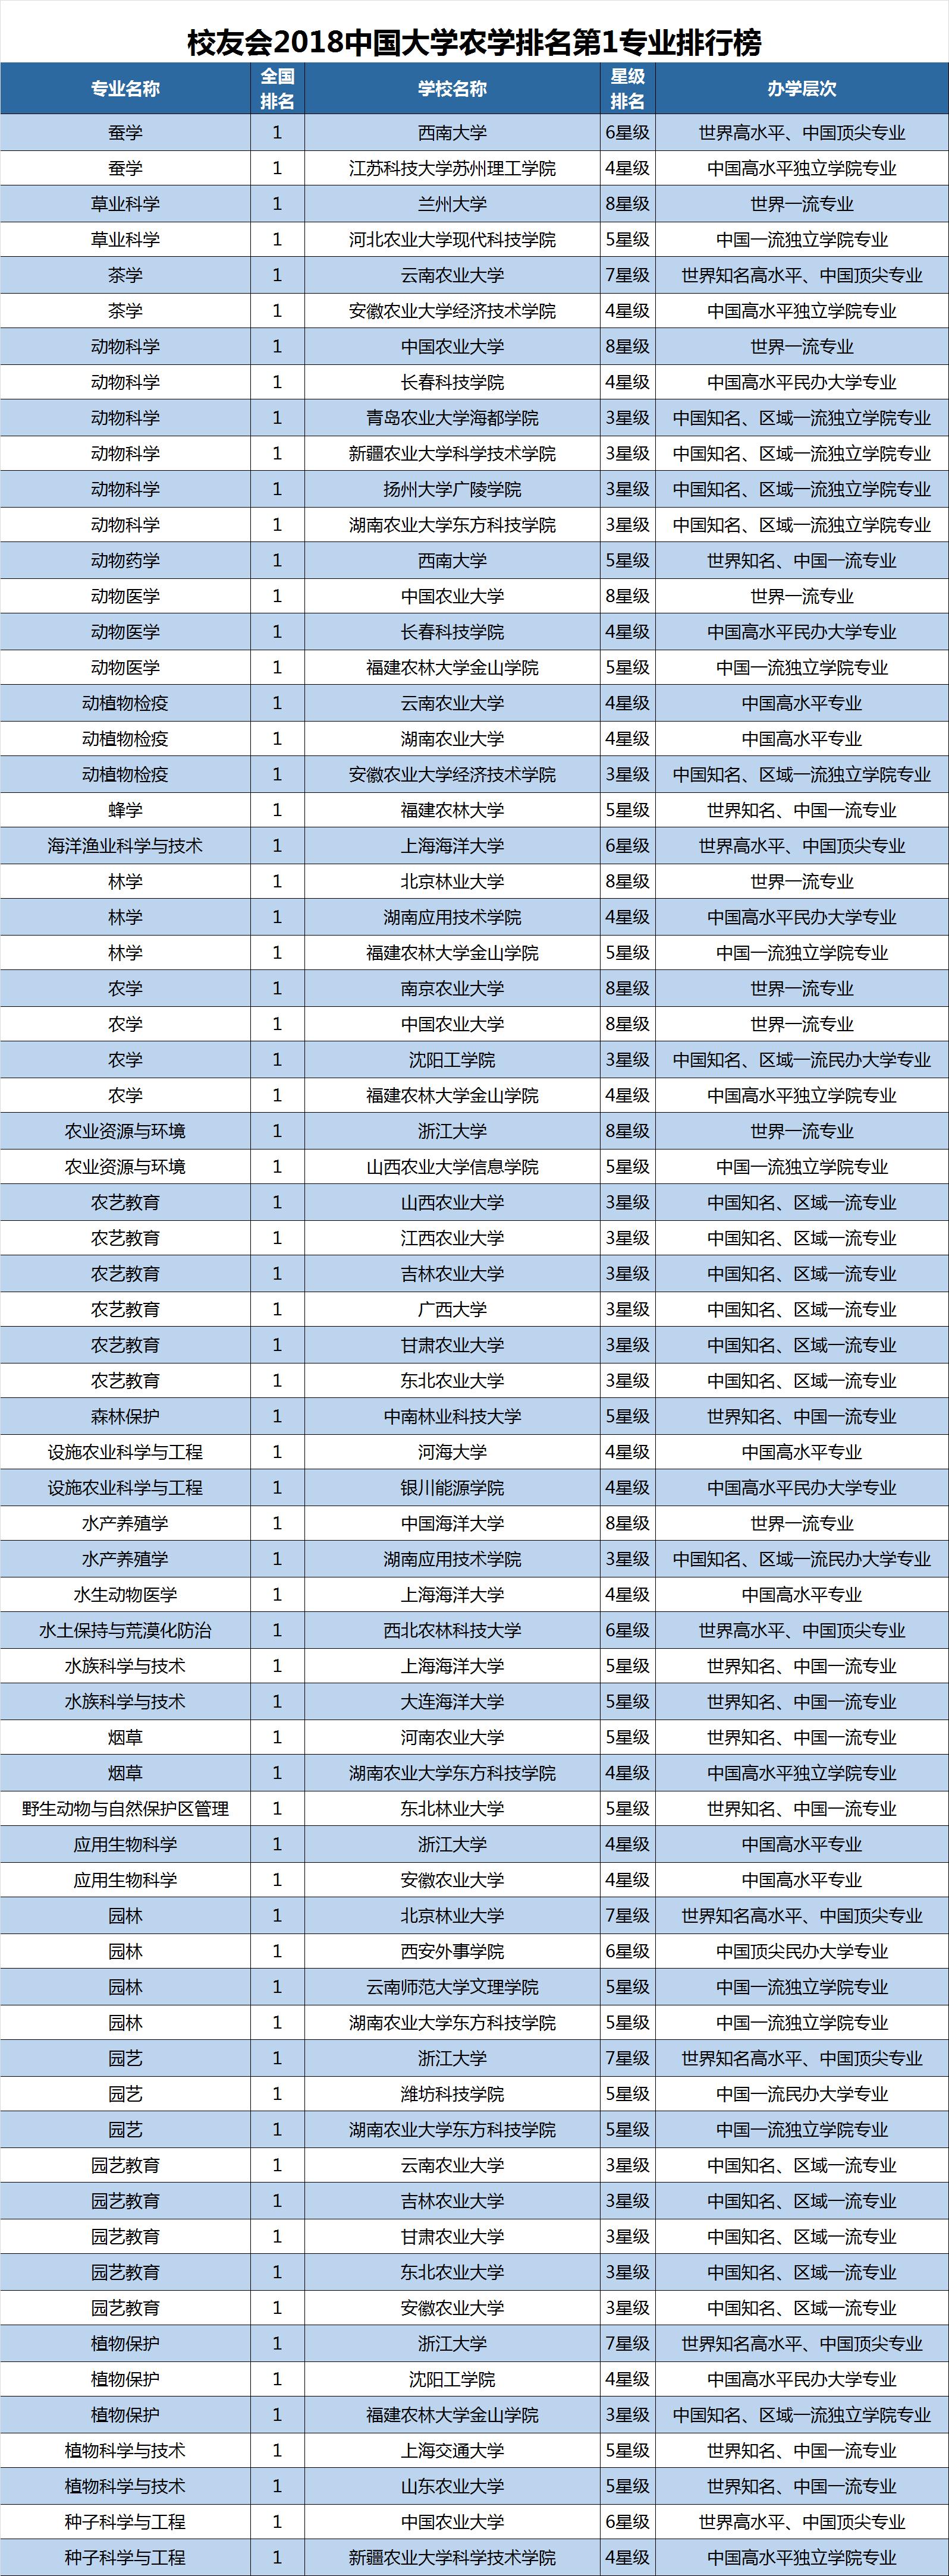 必赢亚洲366.net 10